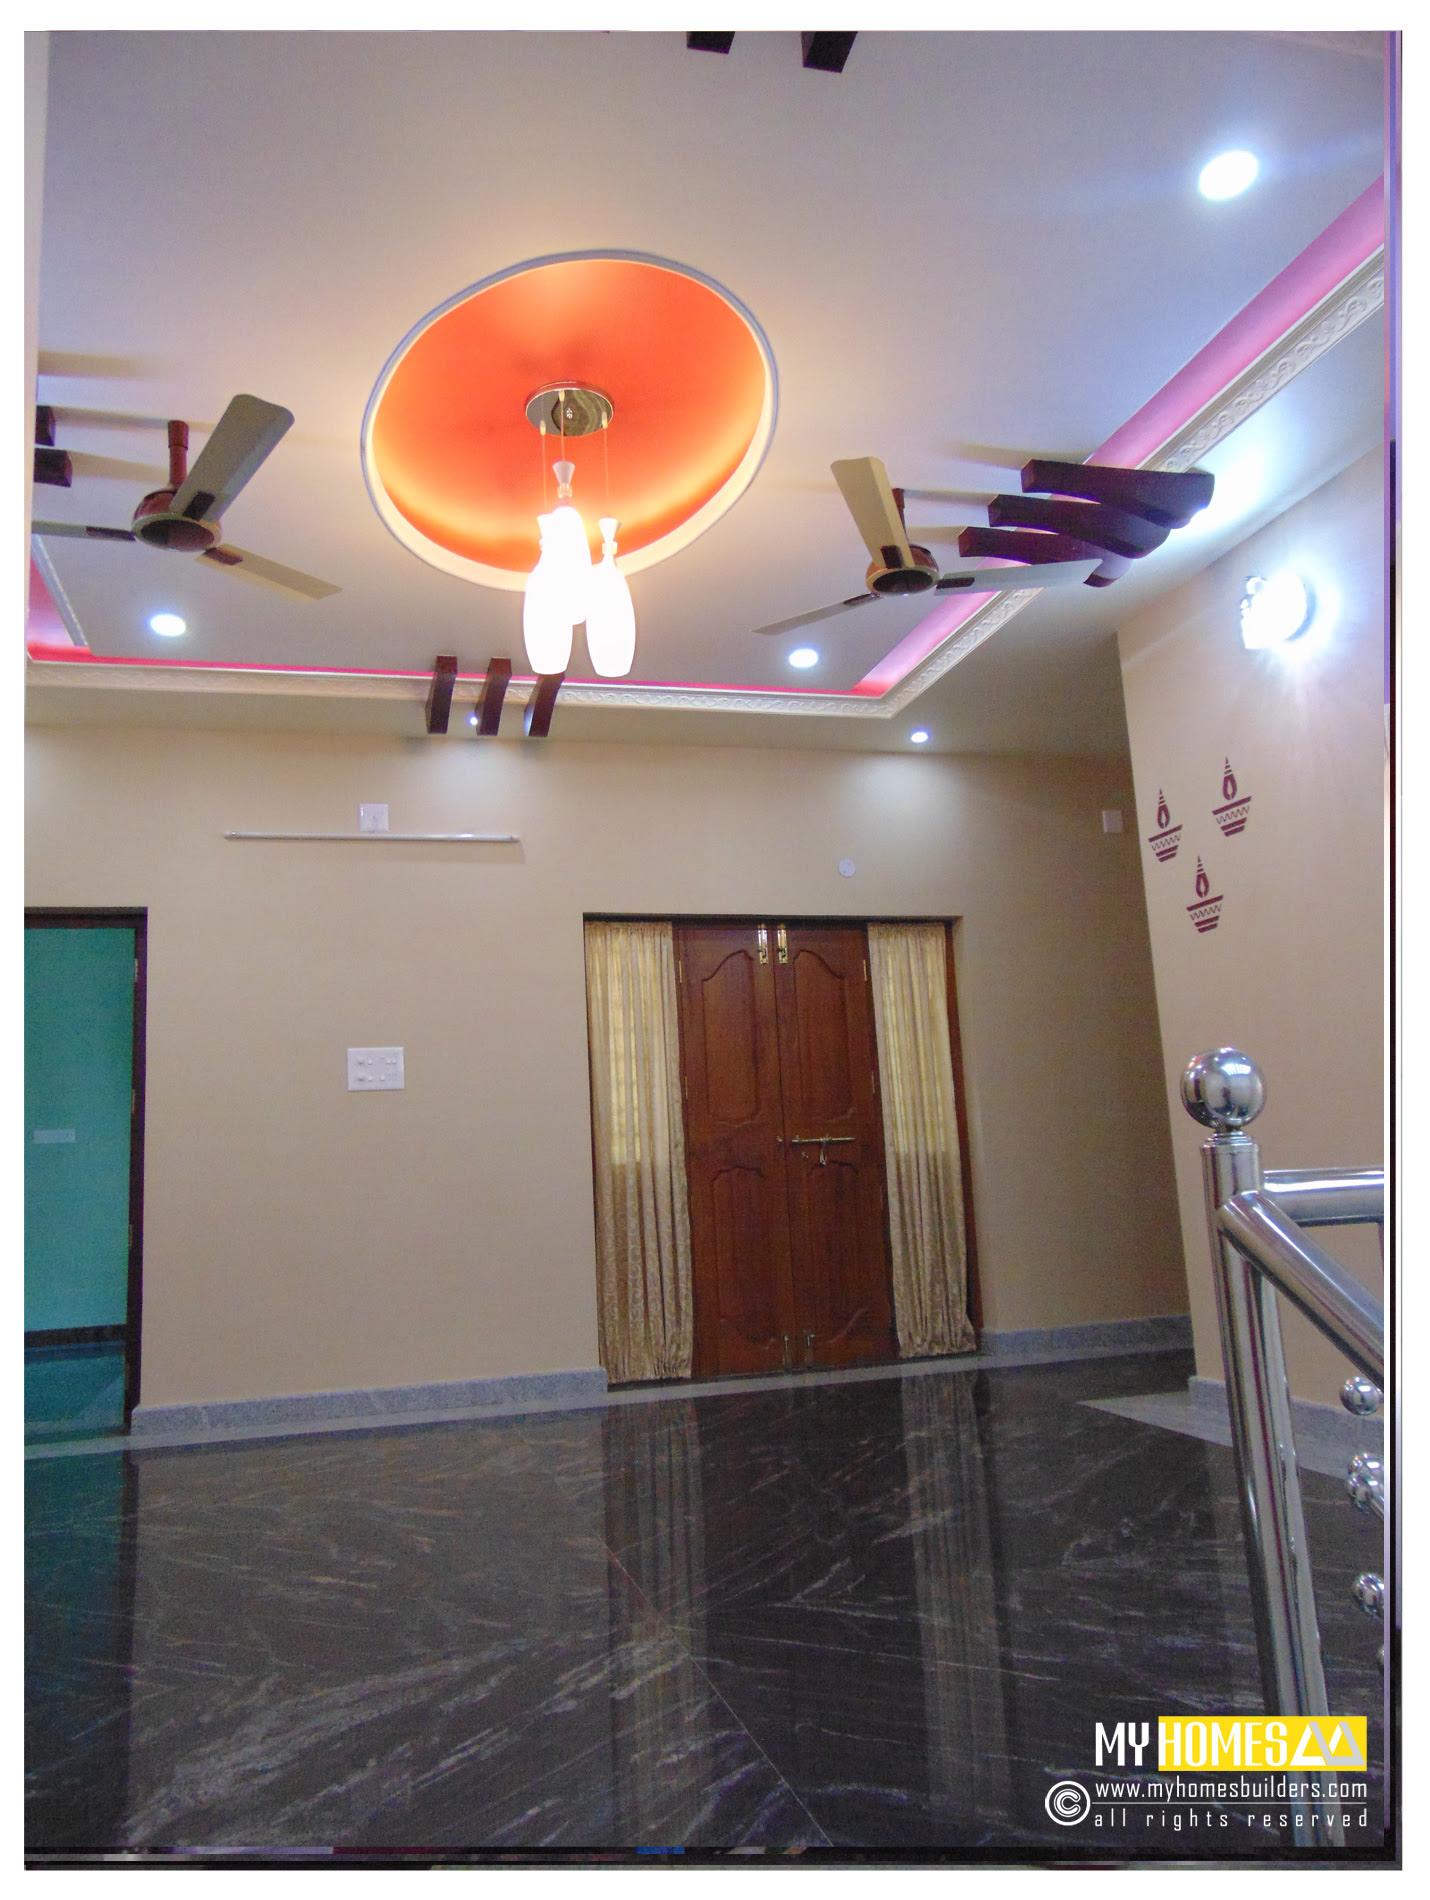 Kerala living room interior design ideas for your dream